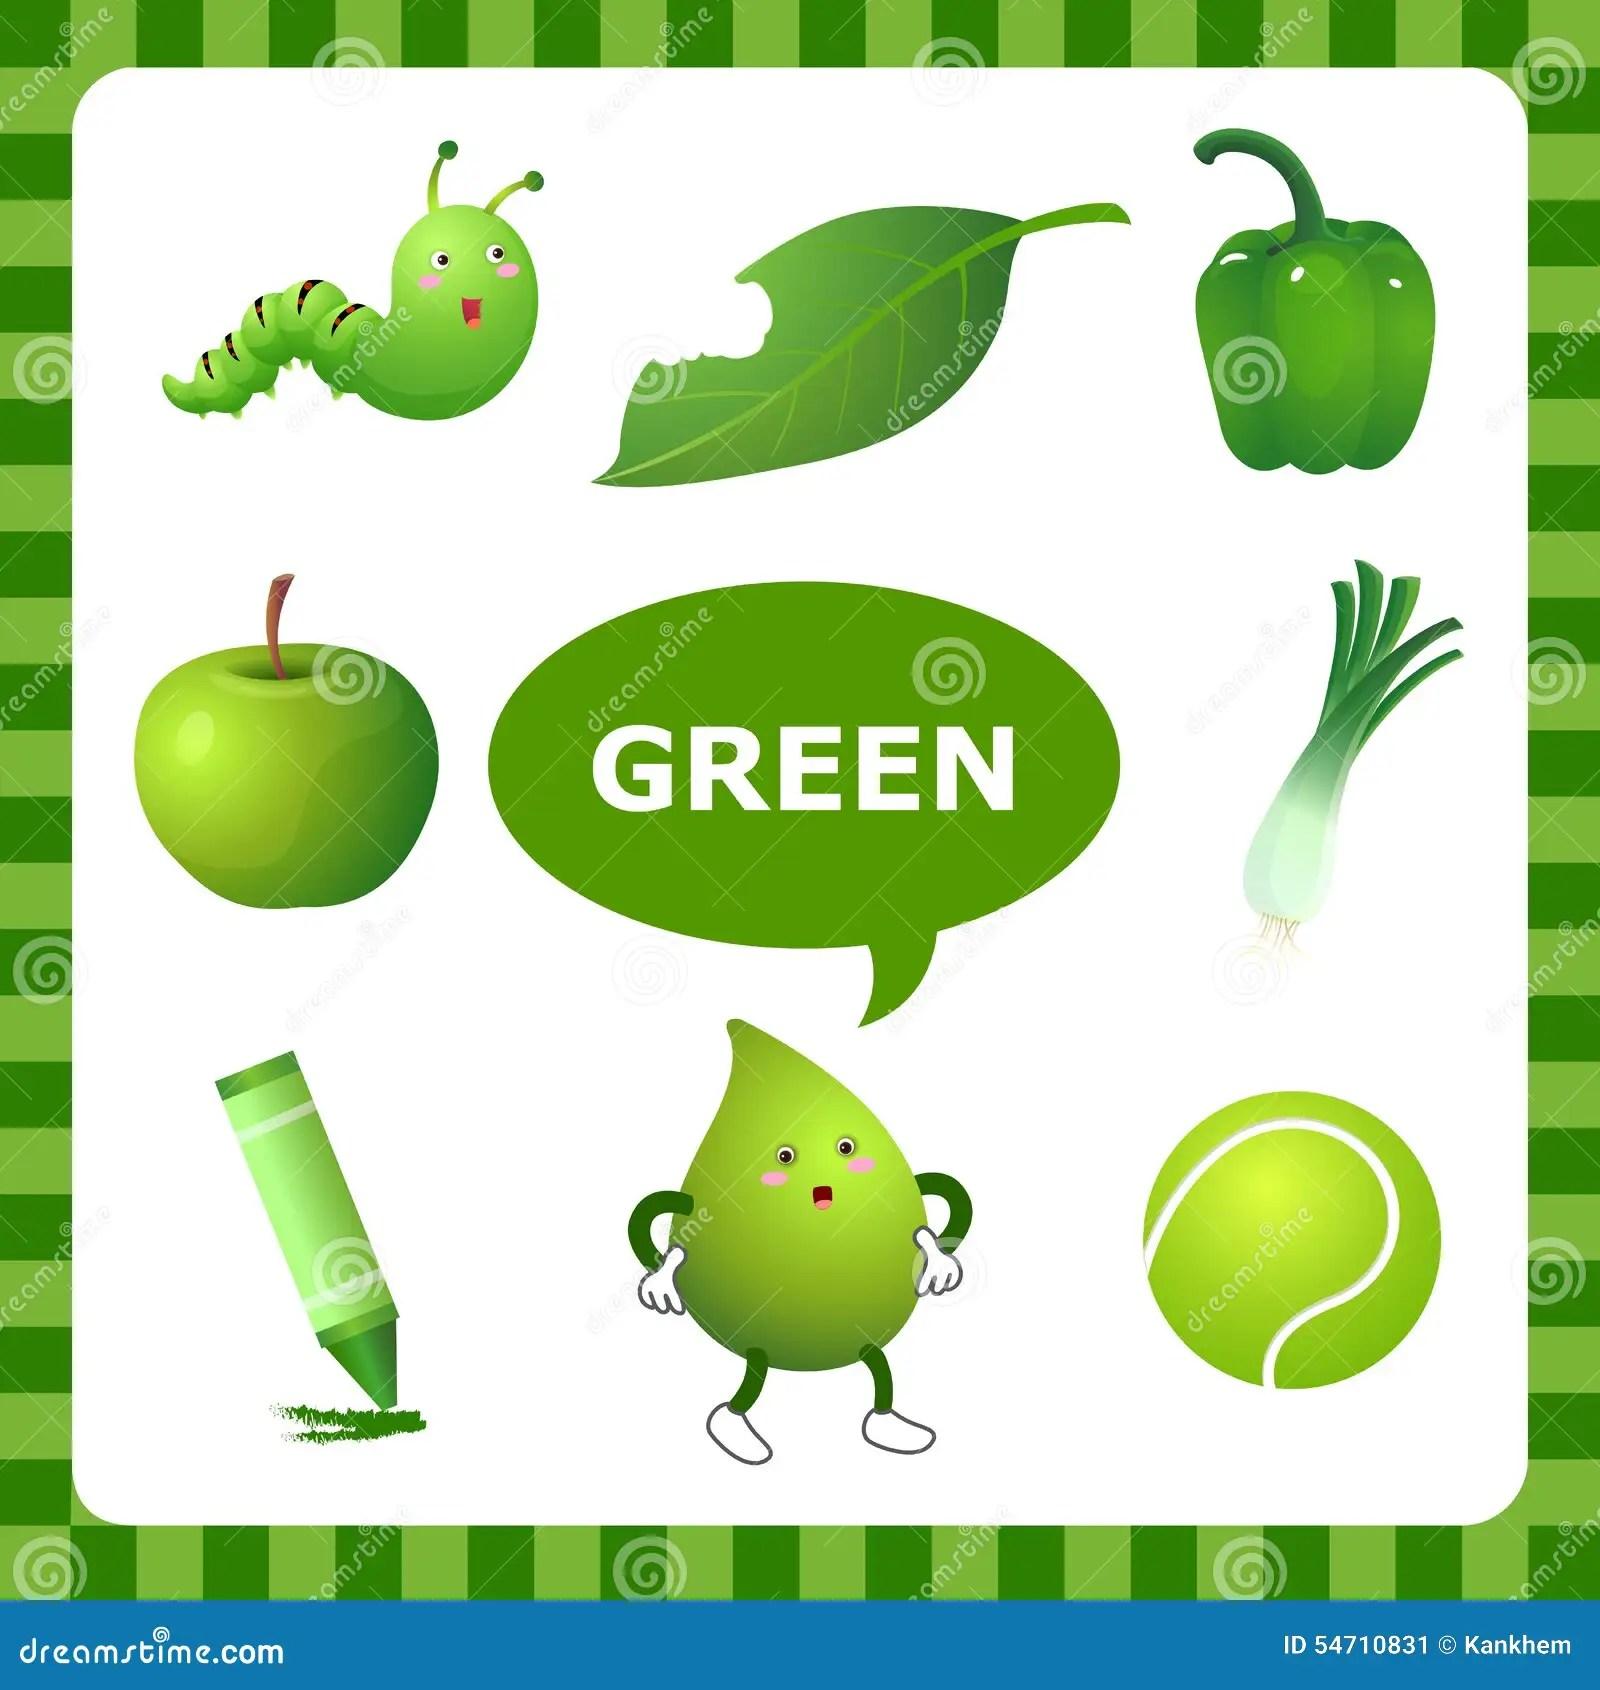 Etude De La Couleur Verte Illustration De Vecteur